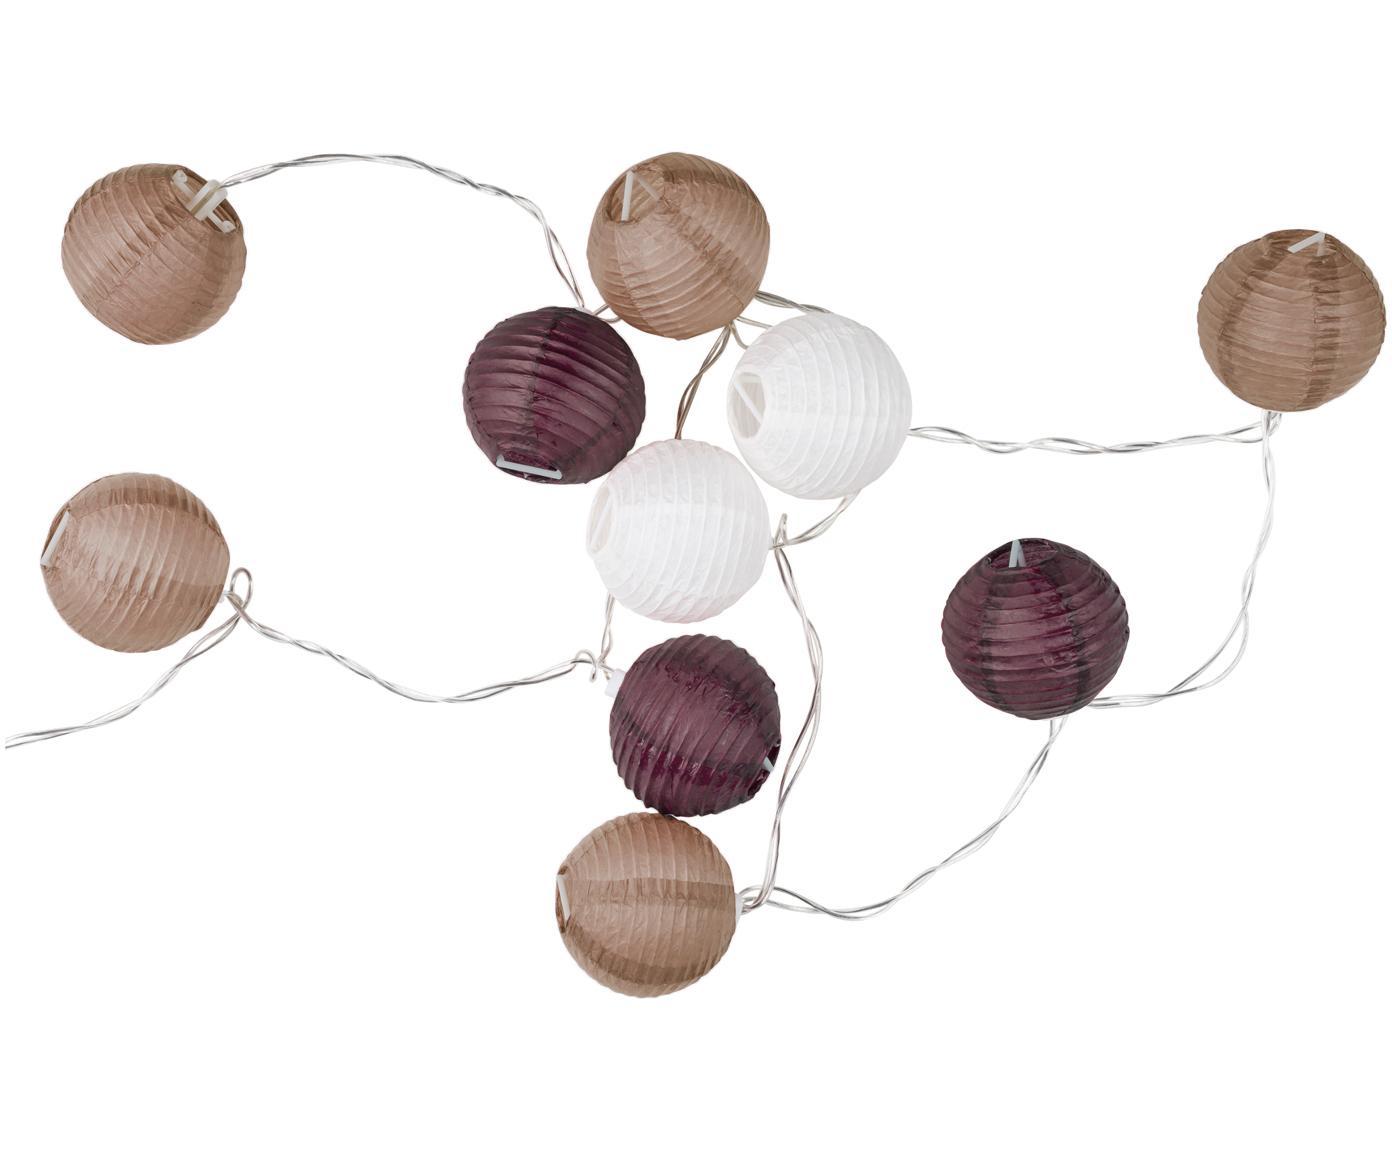 LED lichtslinger Ibiza, Papier, kunststof, Roze, mauve, wit, L 330 cm